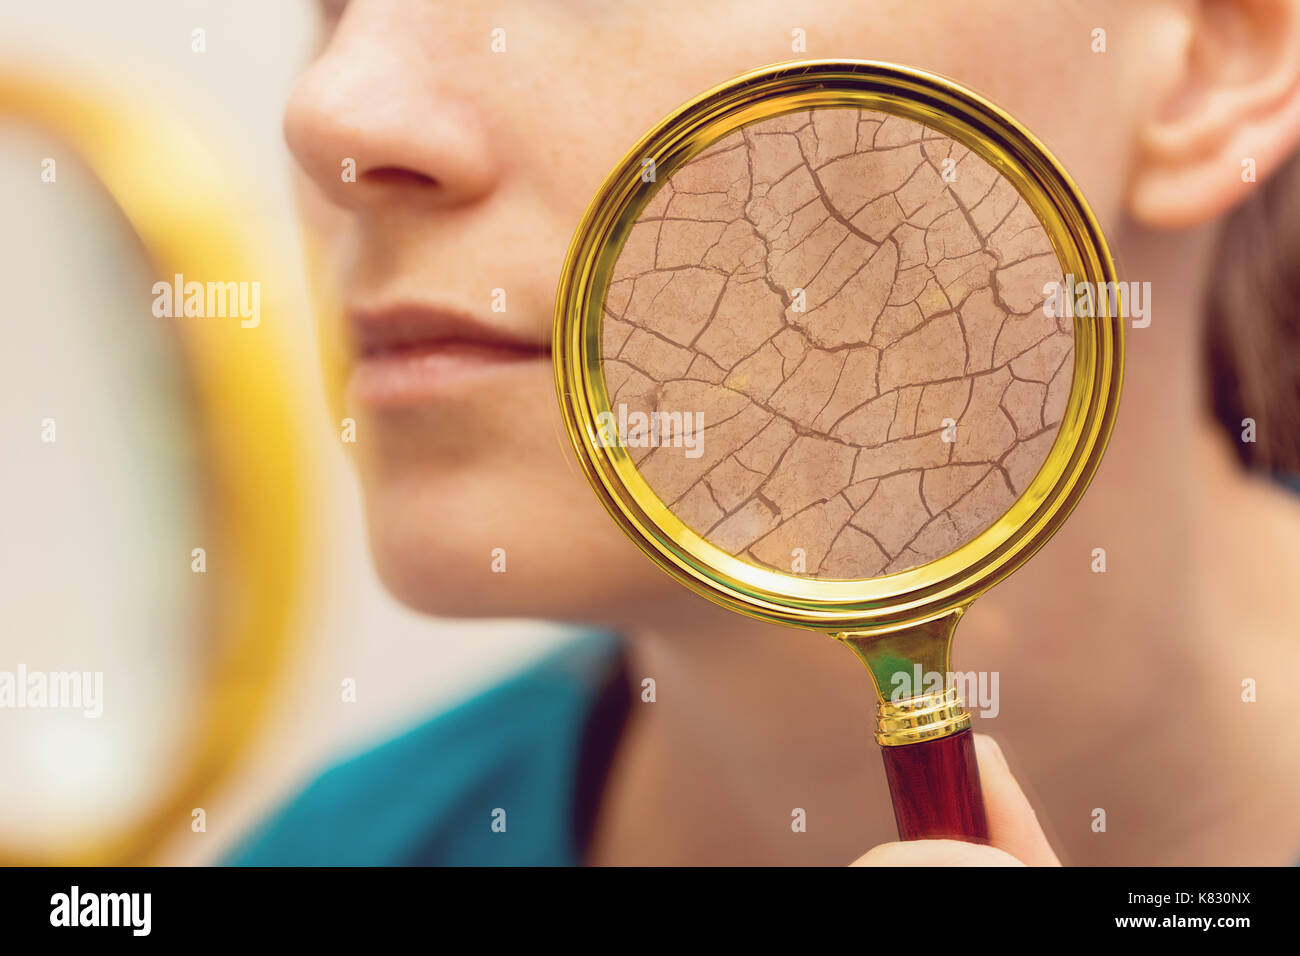 Envejecimiento y cutis seco concepto - Mujer con lupa Imagen De Stock